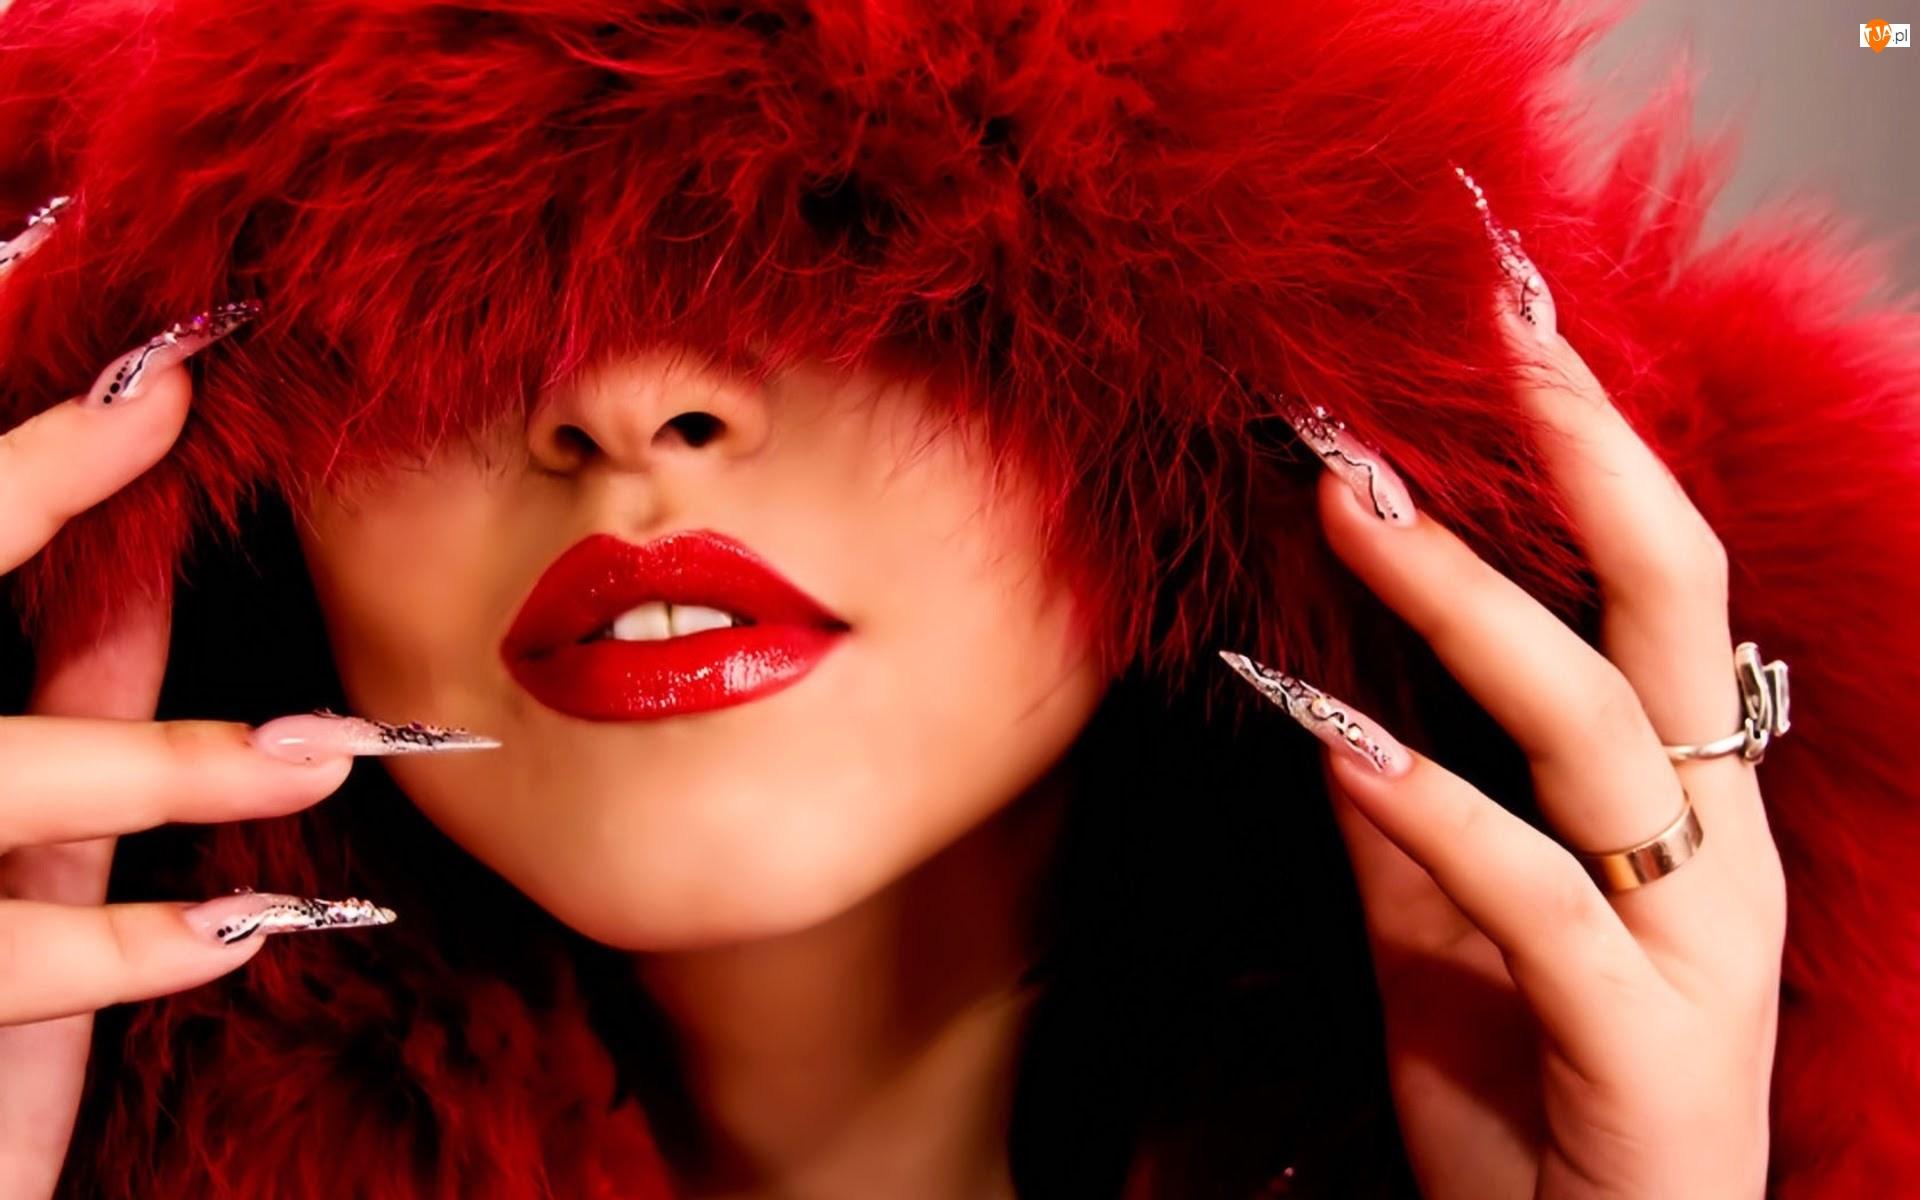 Paznokcie, Kobieta, Włosy, Czerwone, Długie